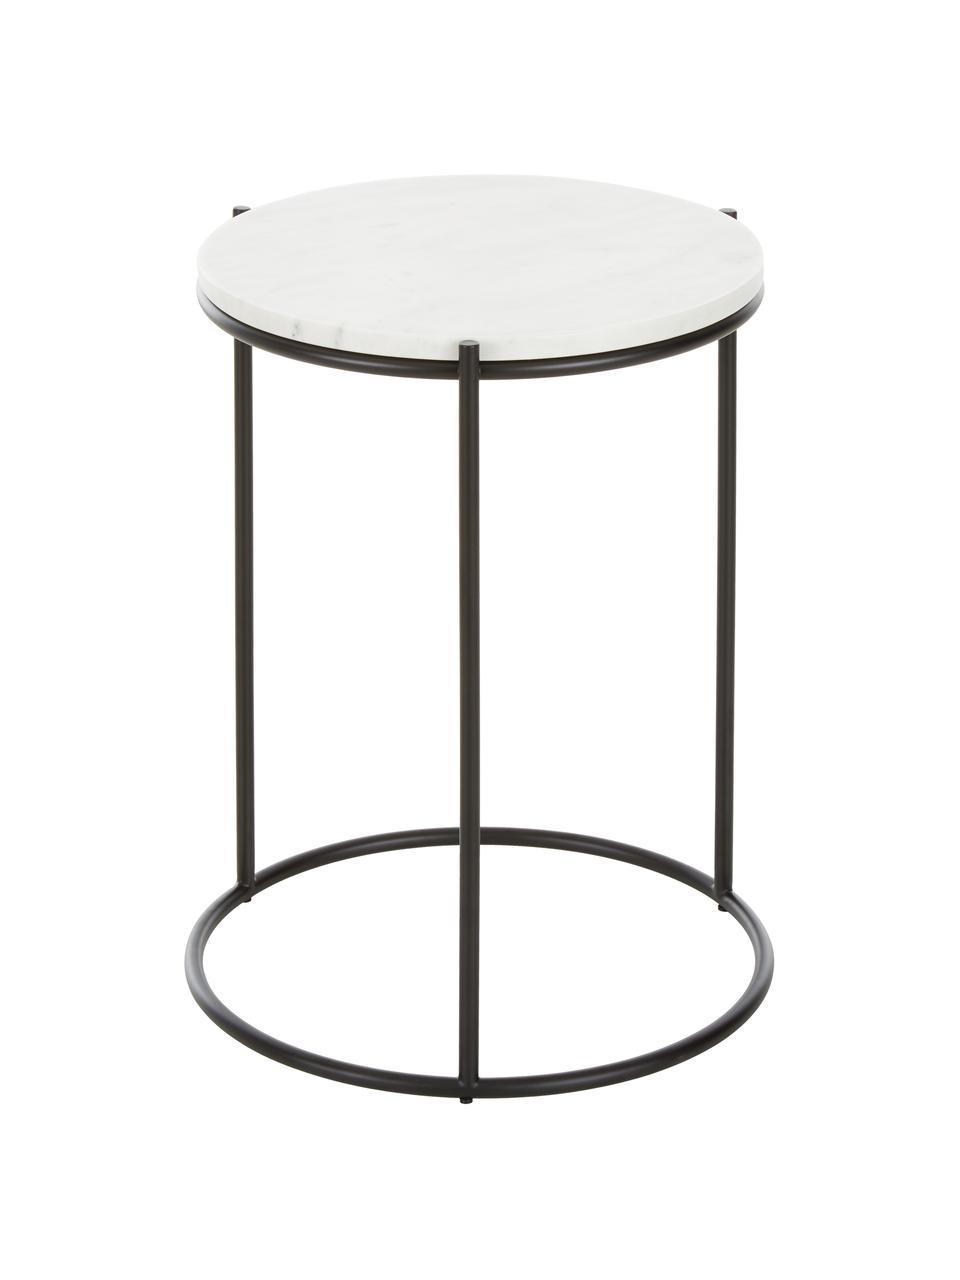 Runder Marmor-Beistelltisch Ella, Tischplatte: Marmor, Gestell: Metall, pulverbeschichtet, Tischplatte: Weißer MarmorGestell: Schwarz, matt, Ø 40 x H 50 cm